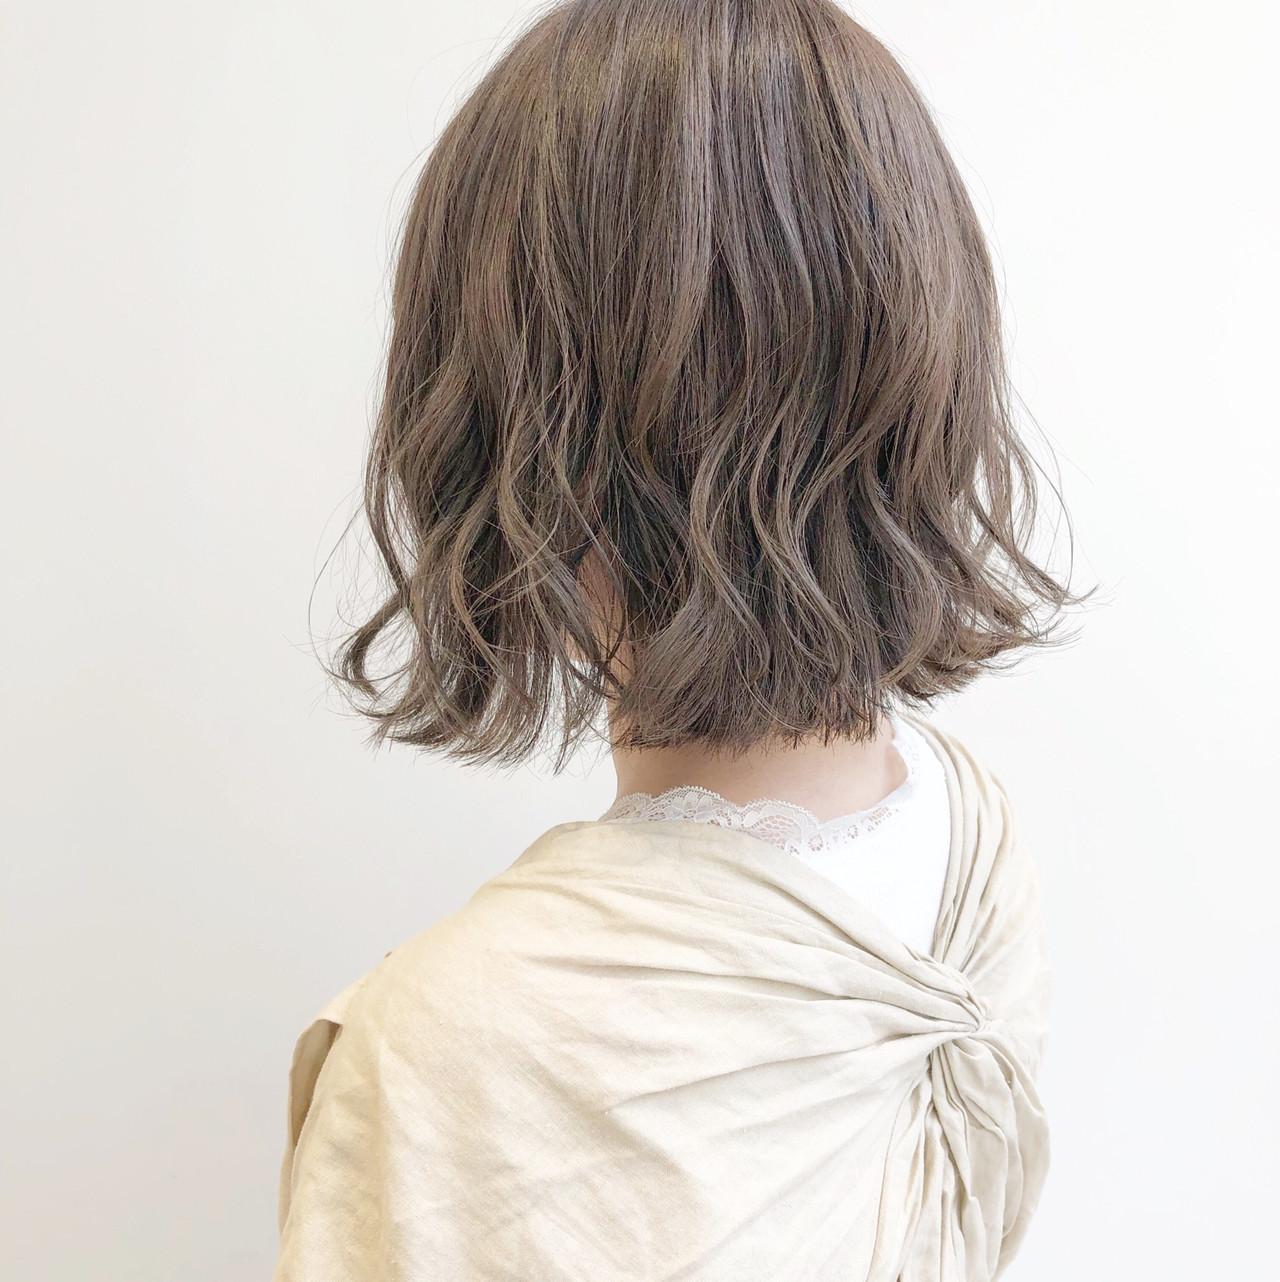 オフィス デート 簡単ヘアアレンジ ヘアアレンジ ヘアスタイルや髪型の写真・画像 | 『ボブ美容師』永田邦彦 表参道 / send by HAIR